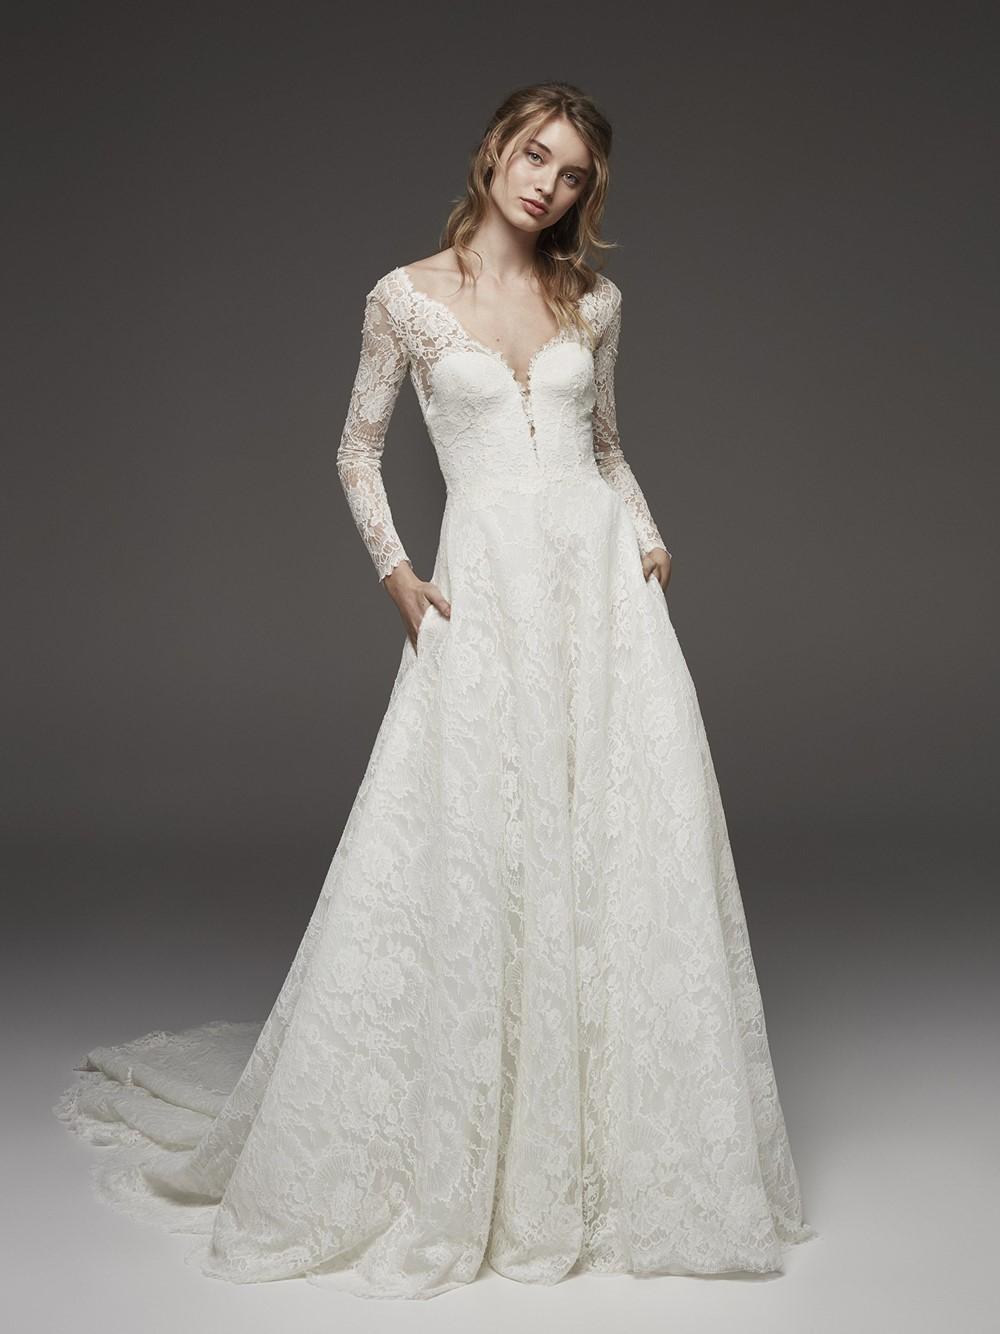 2019 Bridal Trends - Pockets Pronovias HENRIETE Fall 2019 Bridal